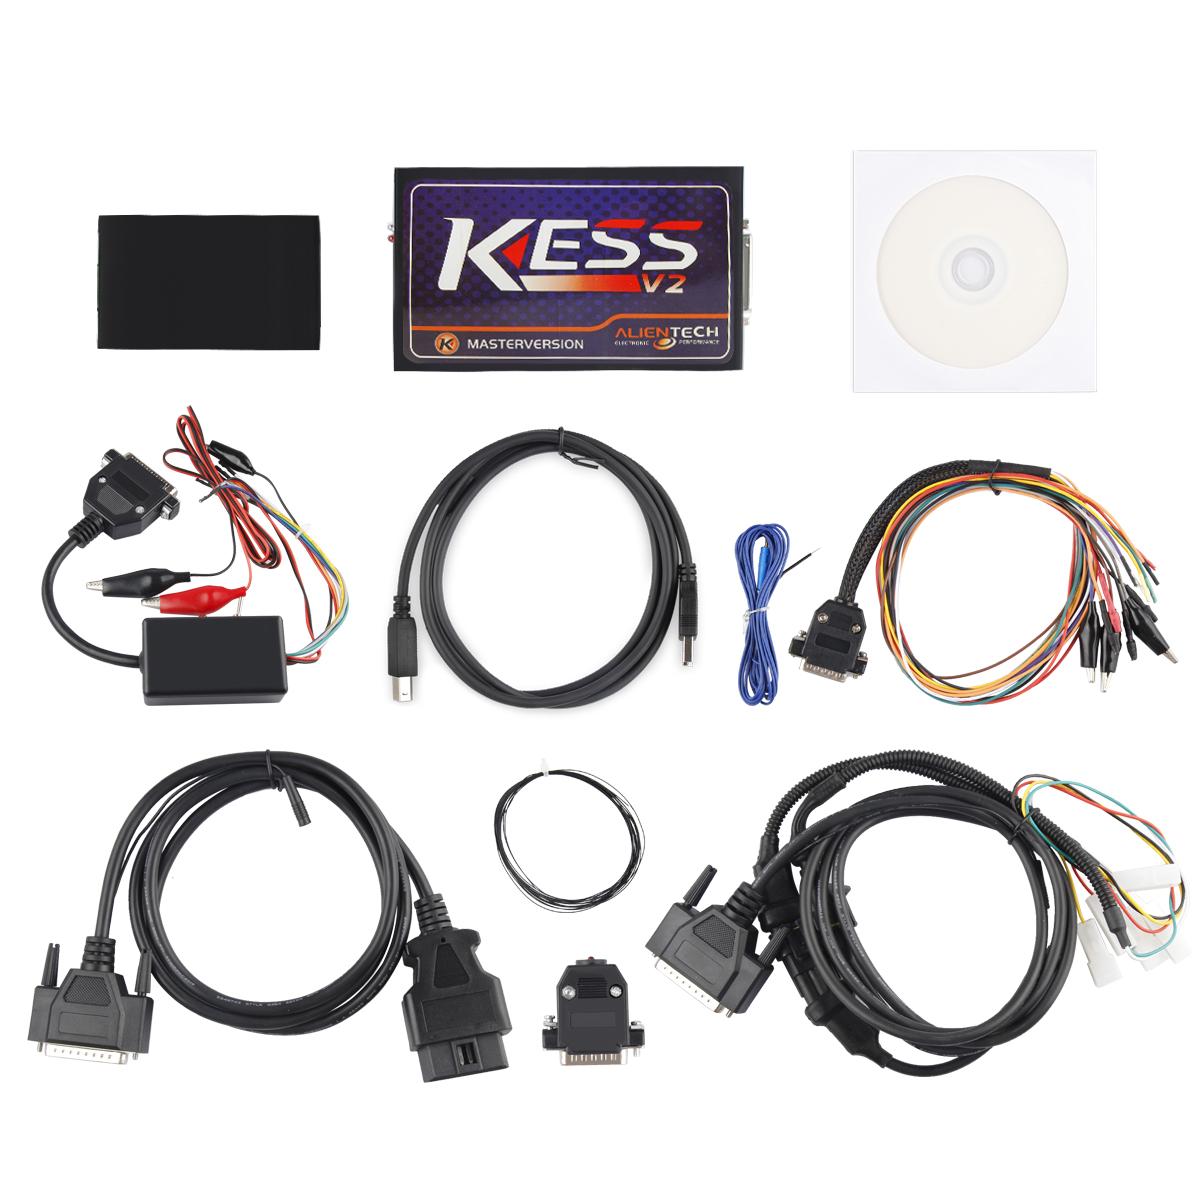 Details about Kess V2 V5 017 OBD2 Manager Tuning Car Truck ECU Programmer  No Tokens Limitation